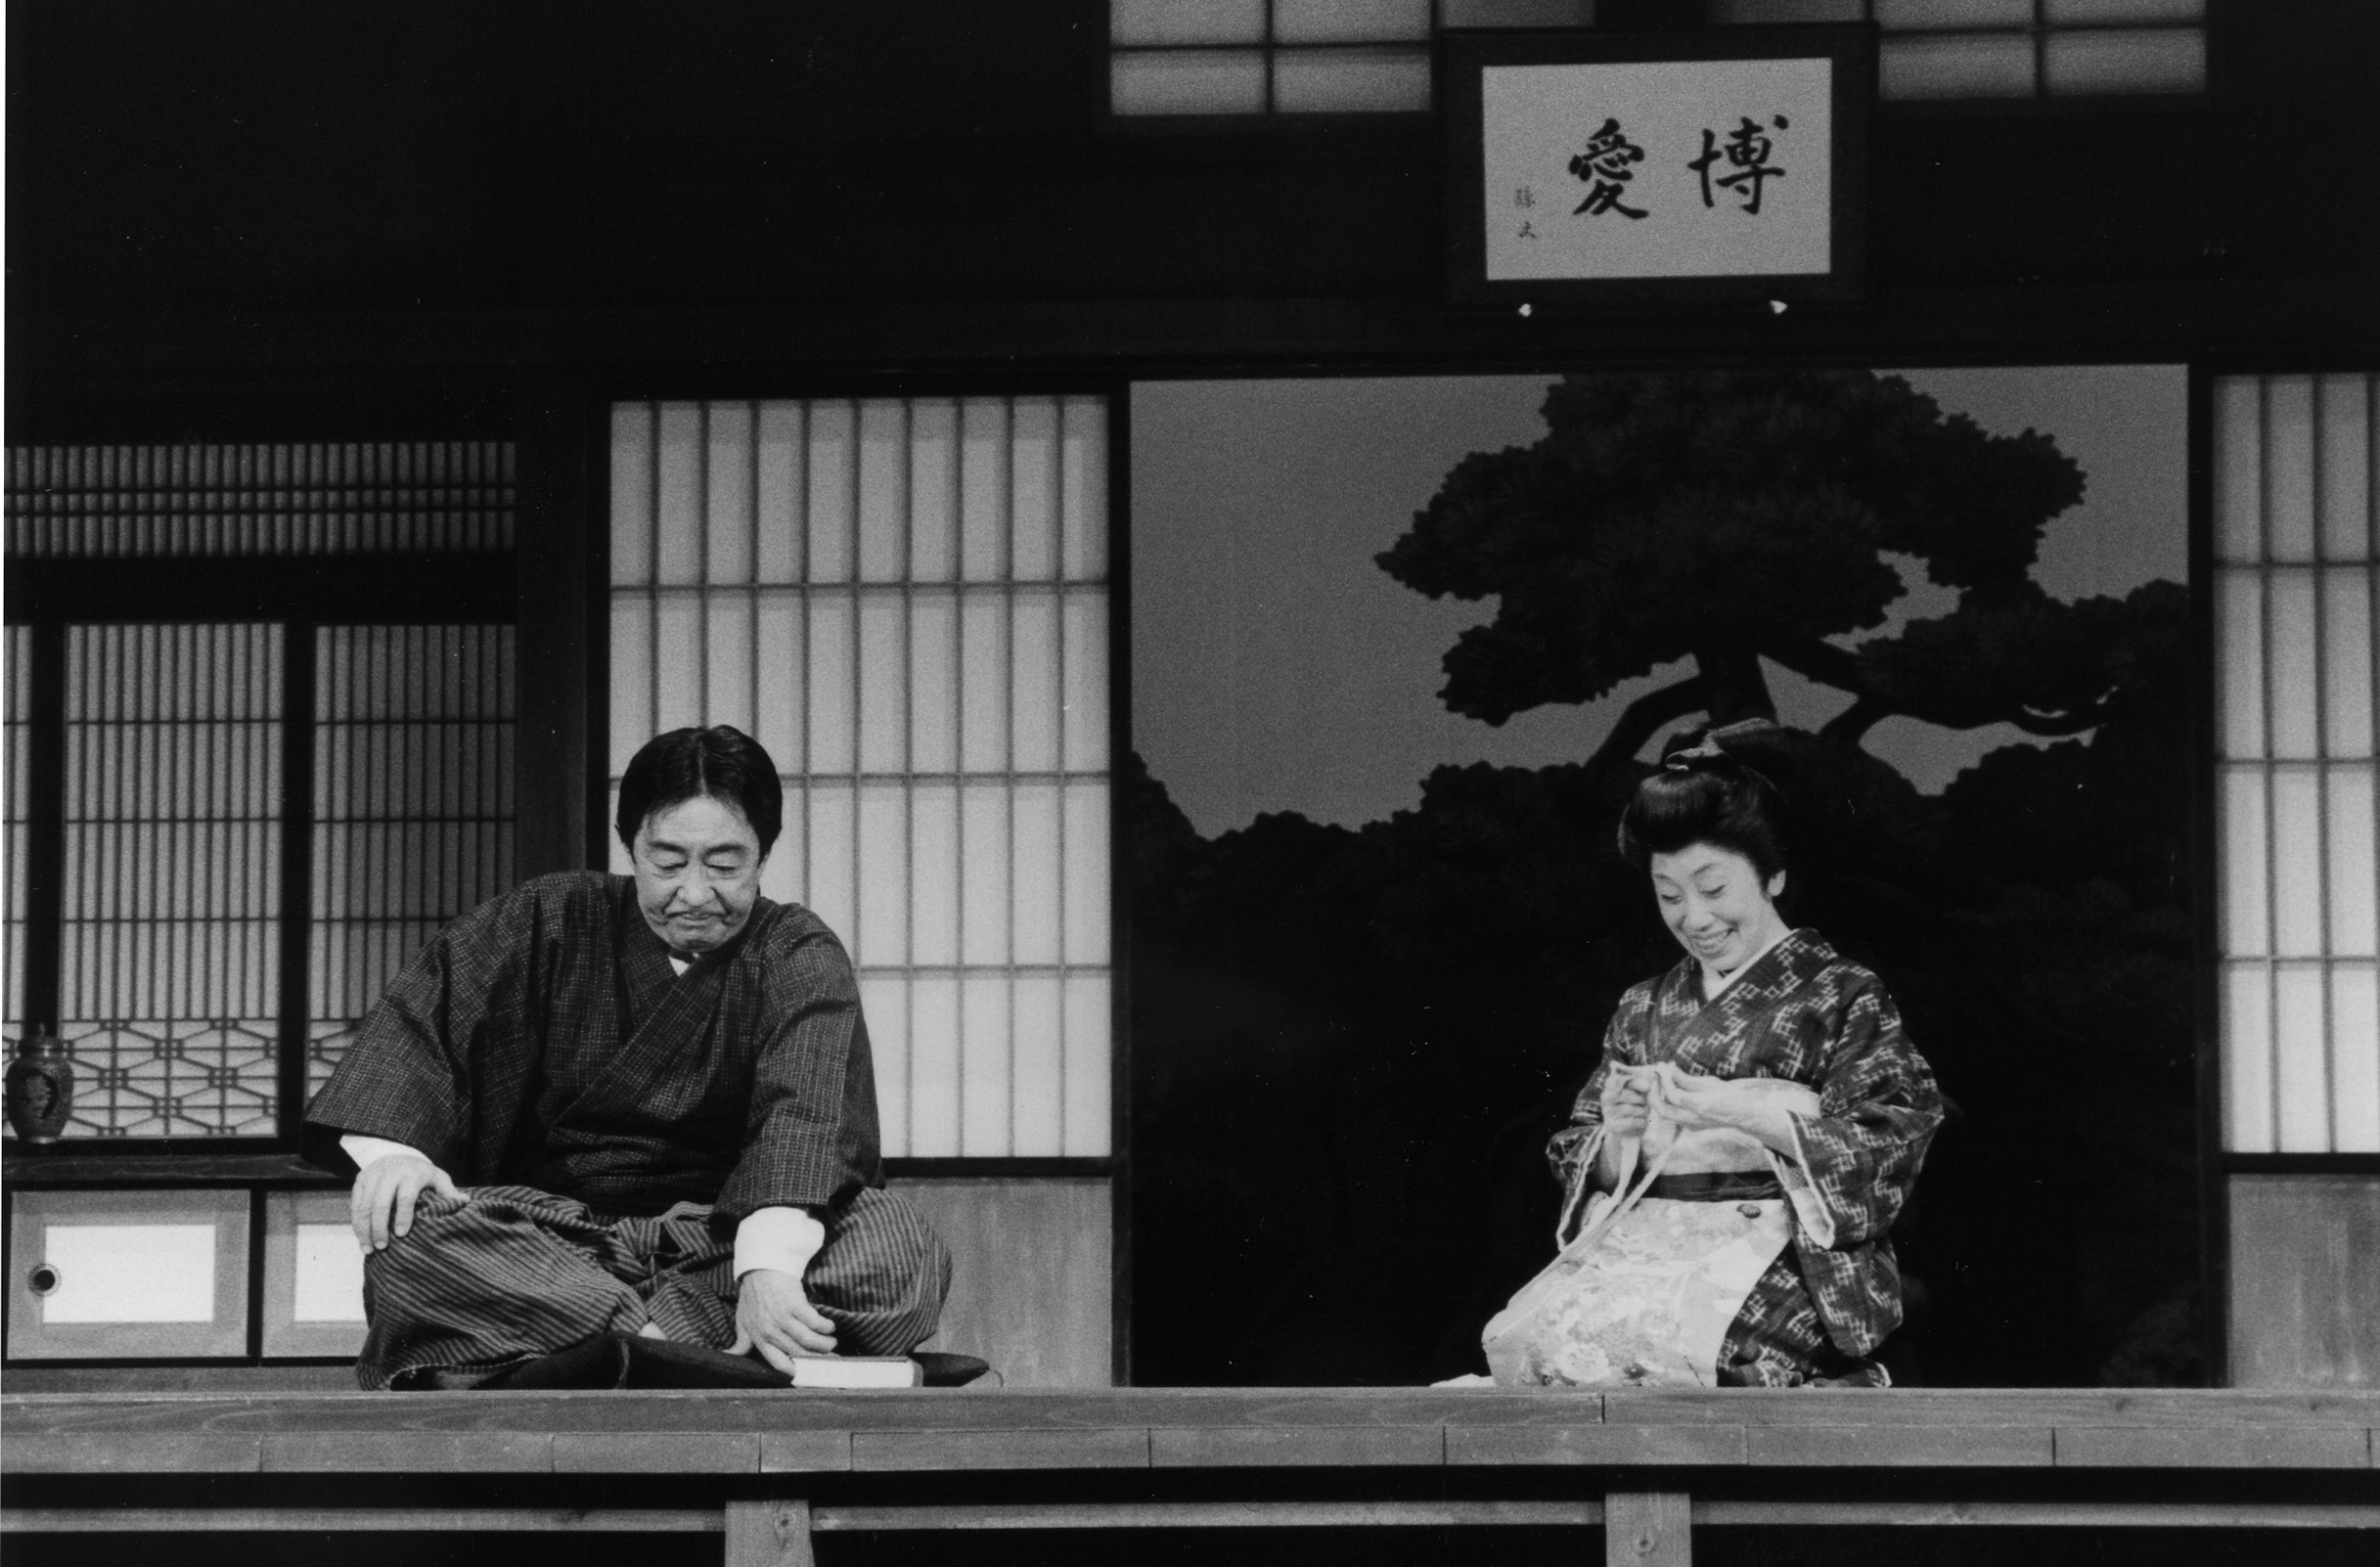 杉村春子による『女の一生』(1989年)